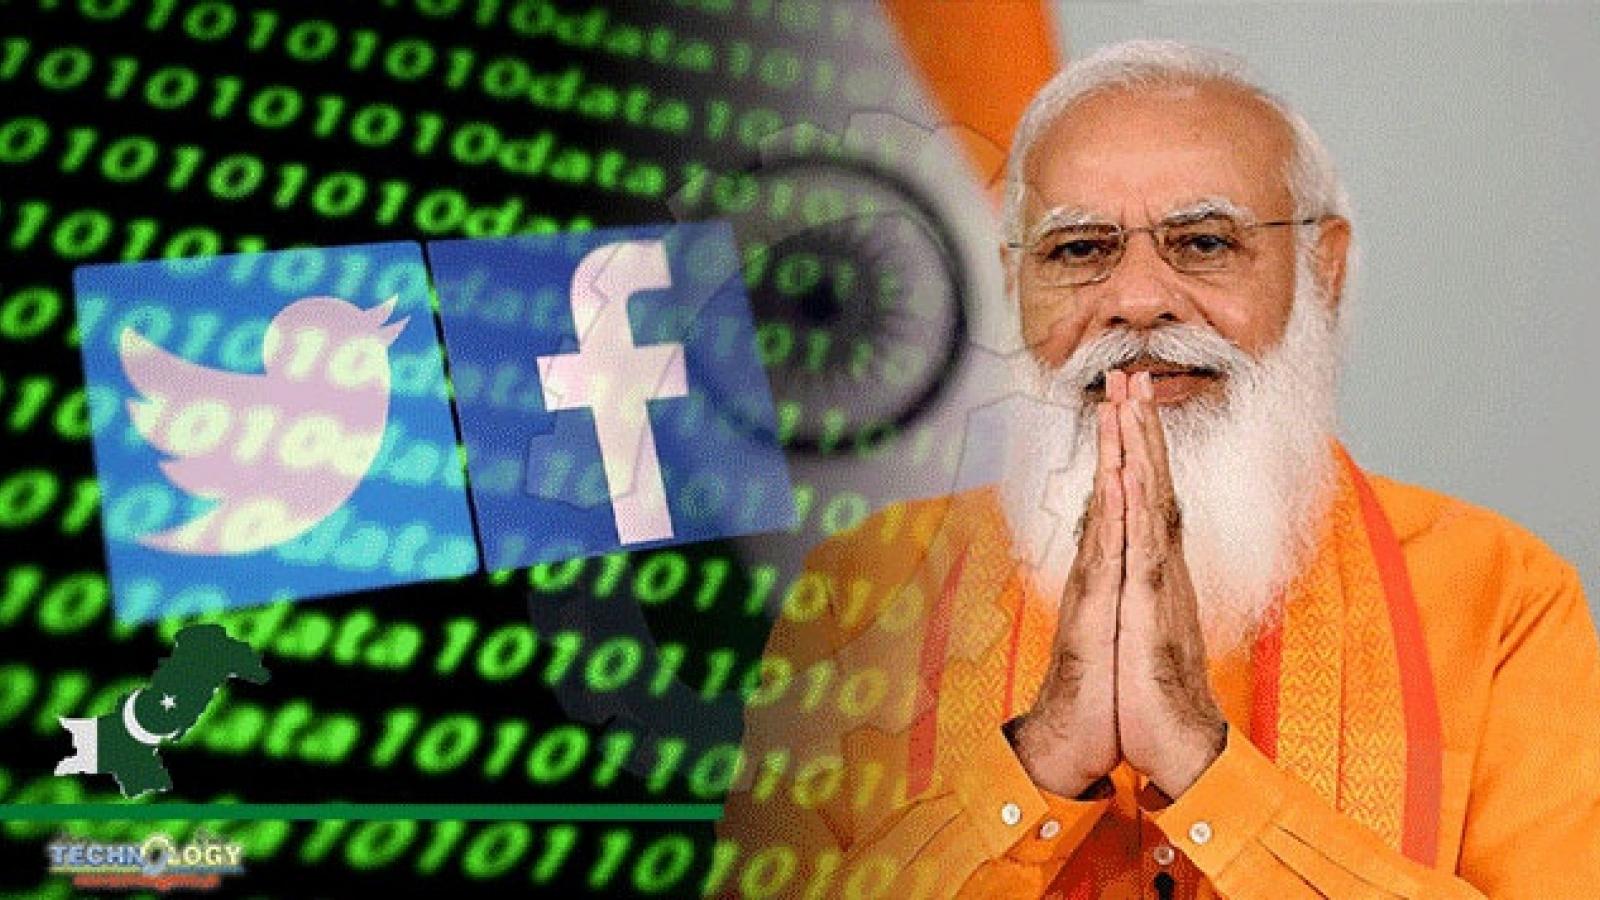 Big Tech chuẩn bị cho cuộc chiến lớn với chính phủ Ấn Độ